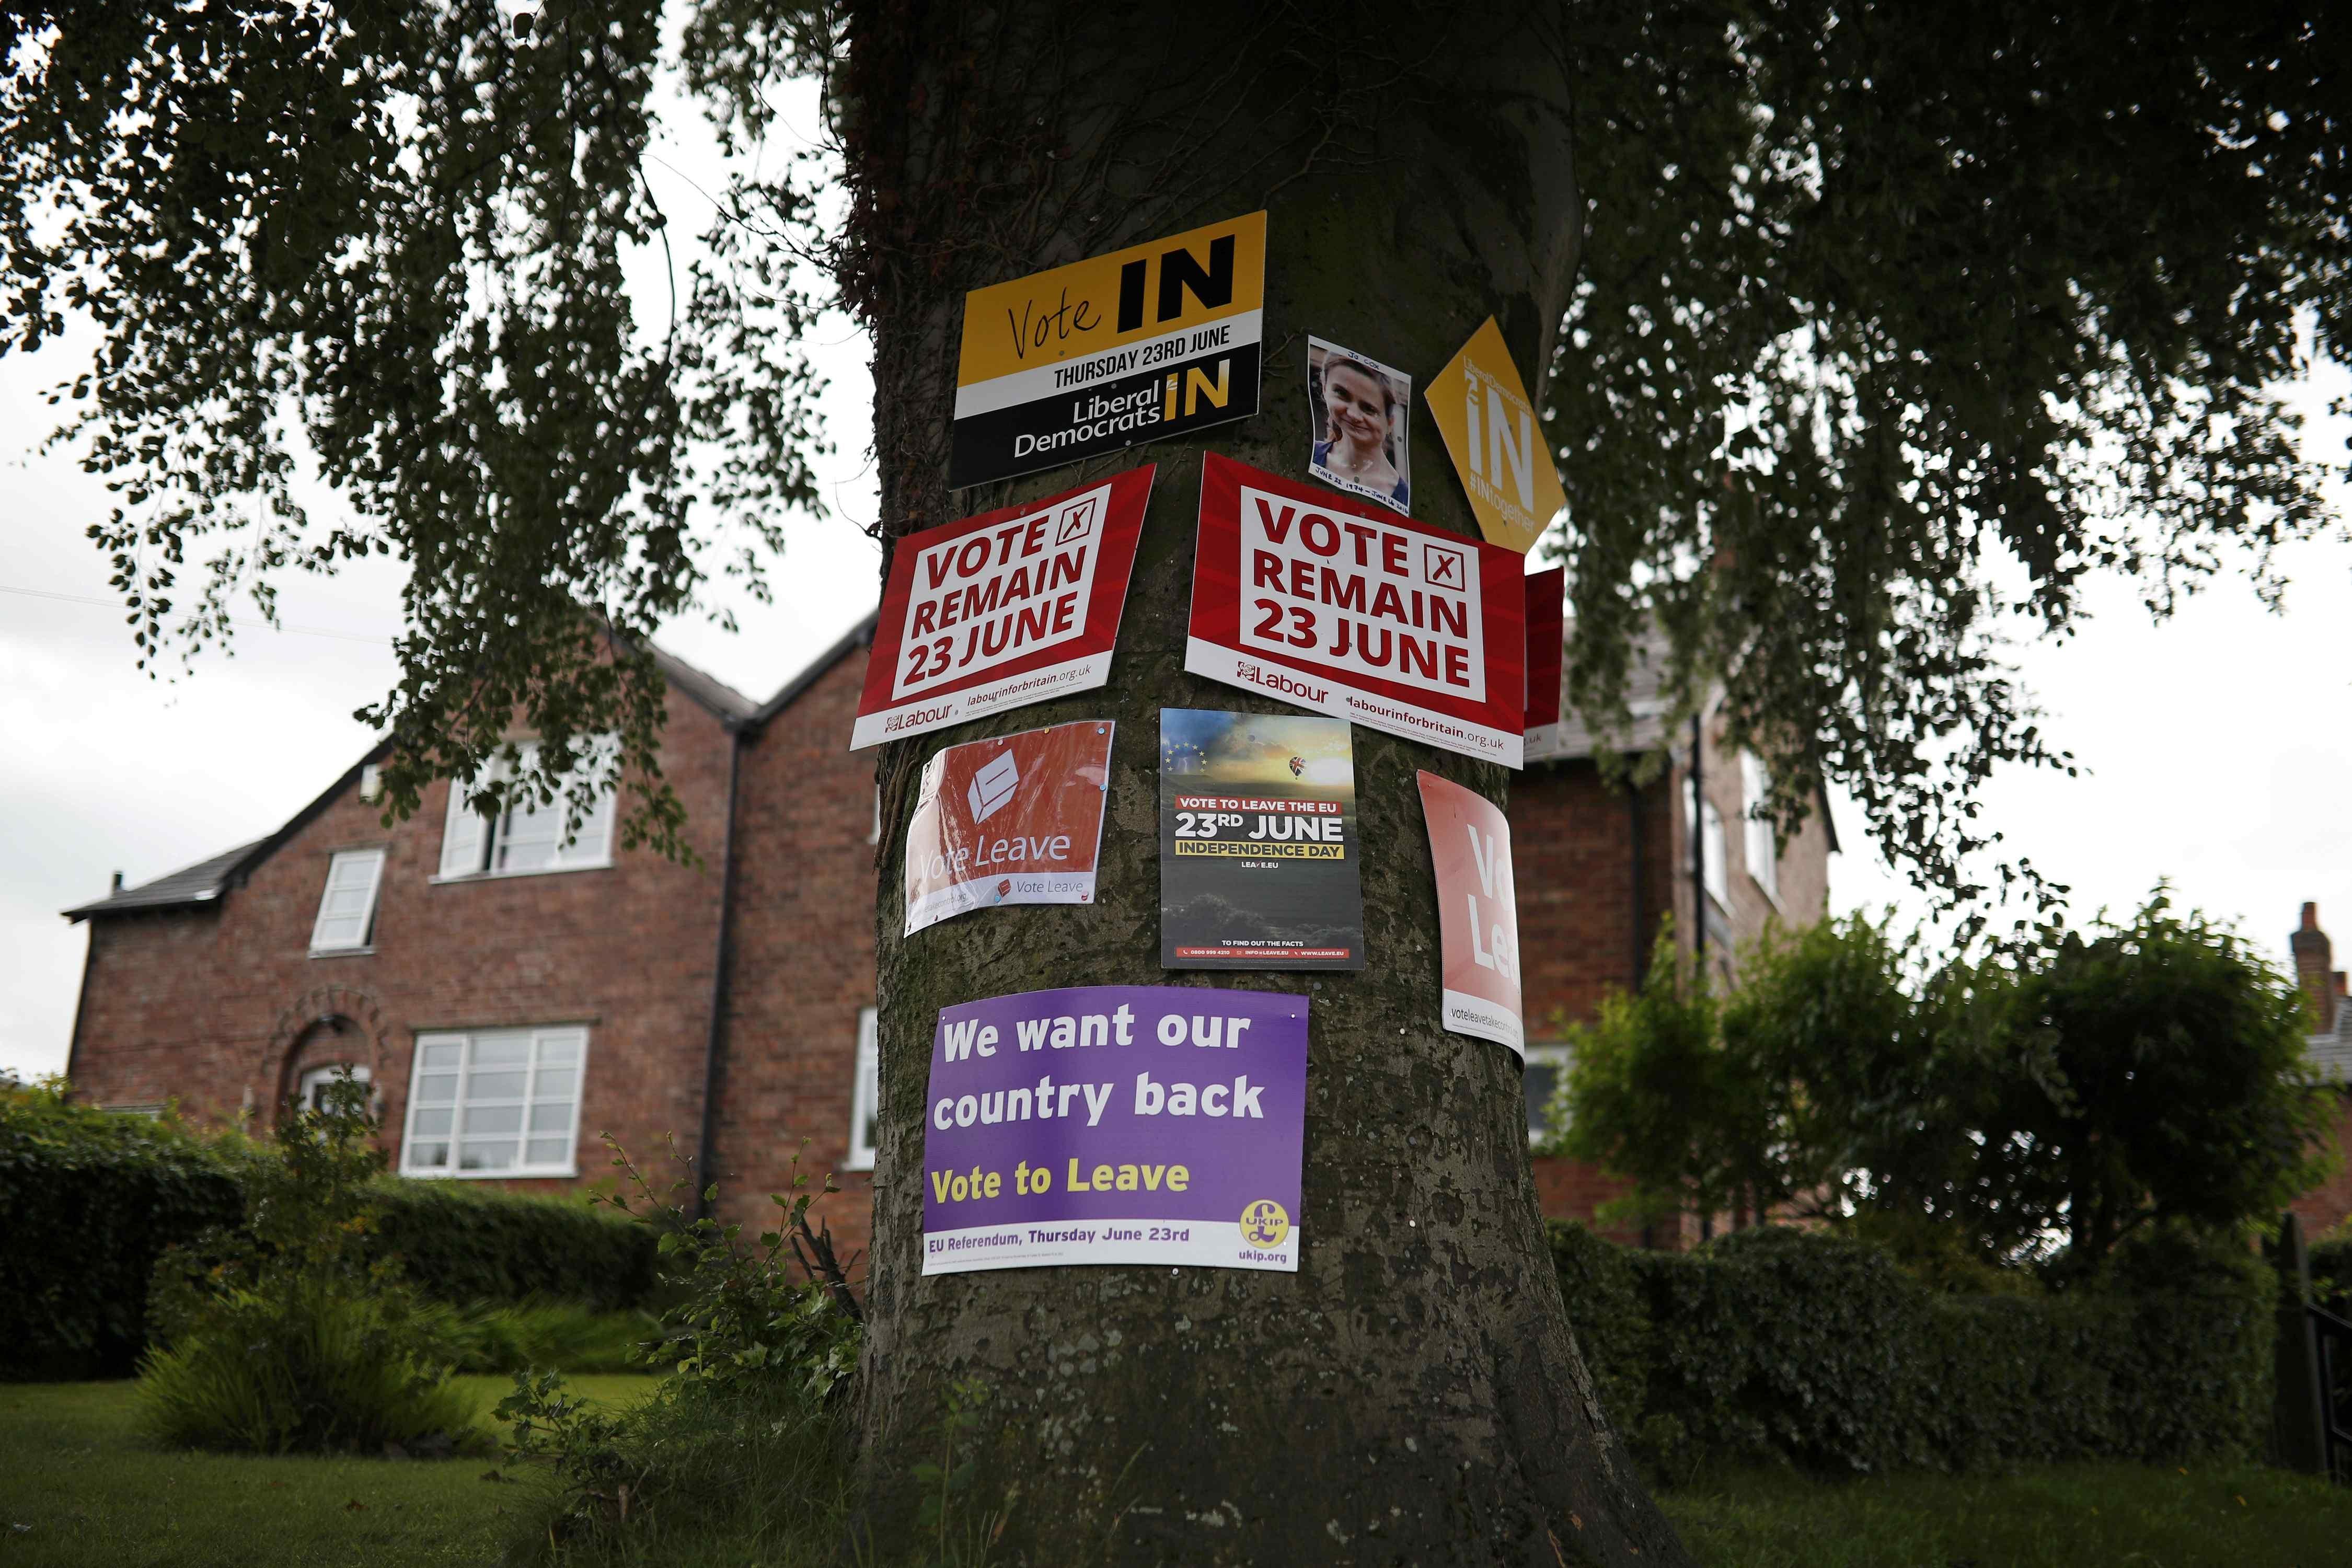 """Sự chia rẽ về lựa chọn """"đi"""" hay """"ở"""" của công chúng Anh thể hiện rõ trên những tấm poster được treo trên một thân cây ở Lymm (Ảnh: Reuters)"""